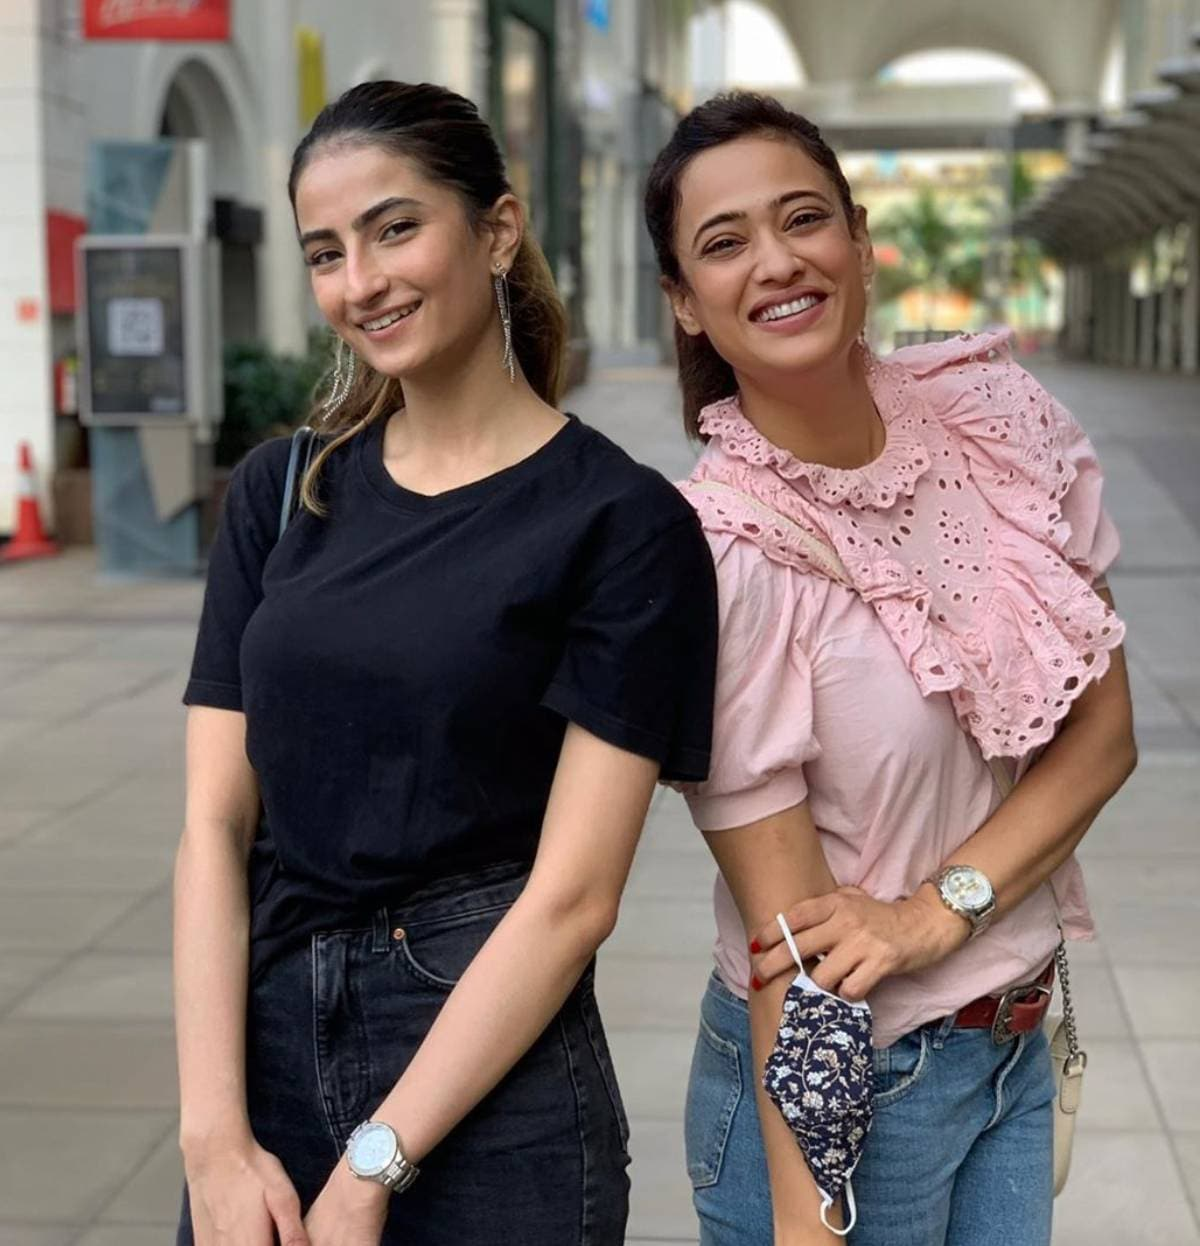 શ્વેતા તિવારી અને પલક તિવારીને હંમેશા સોશિયલ મીડિયામાં પોતાની સુંદર તસવીરો શેર કરતા રહે છે. અને જે જોઇને તમે પણ કહેશો કે મા-દીકરી વચ્ચે ખૂબ જ સારું બોન્ડિંગ છે. (Photo- @palaktiwarii/Instagram)